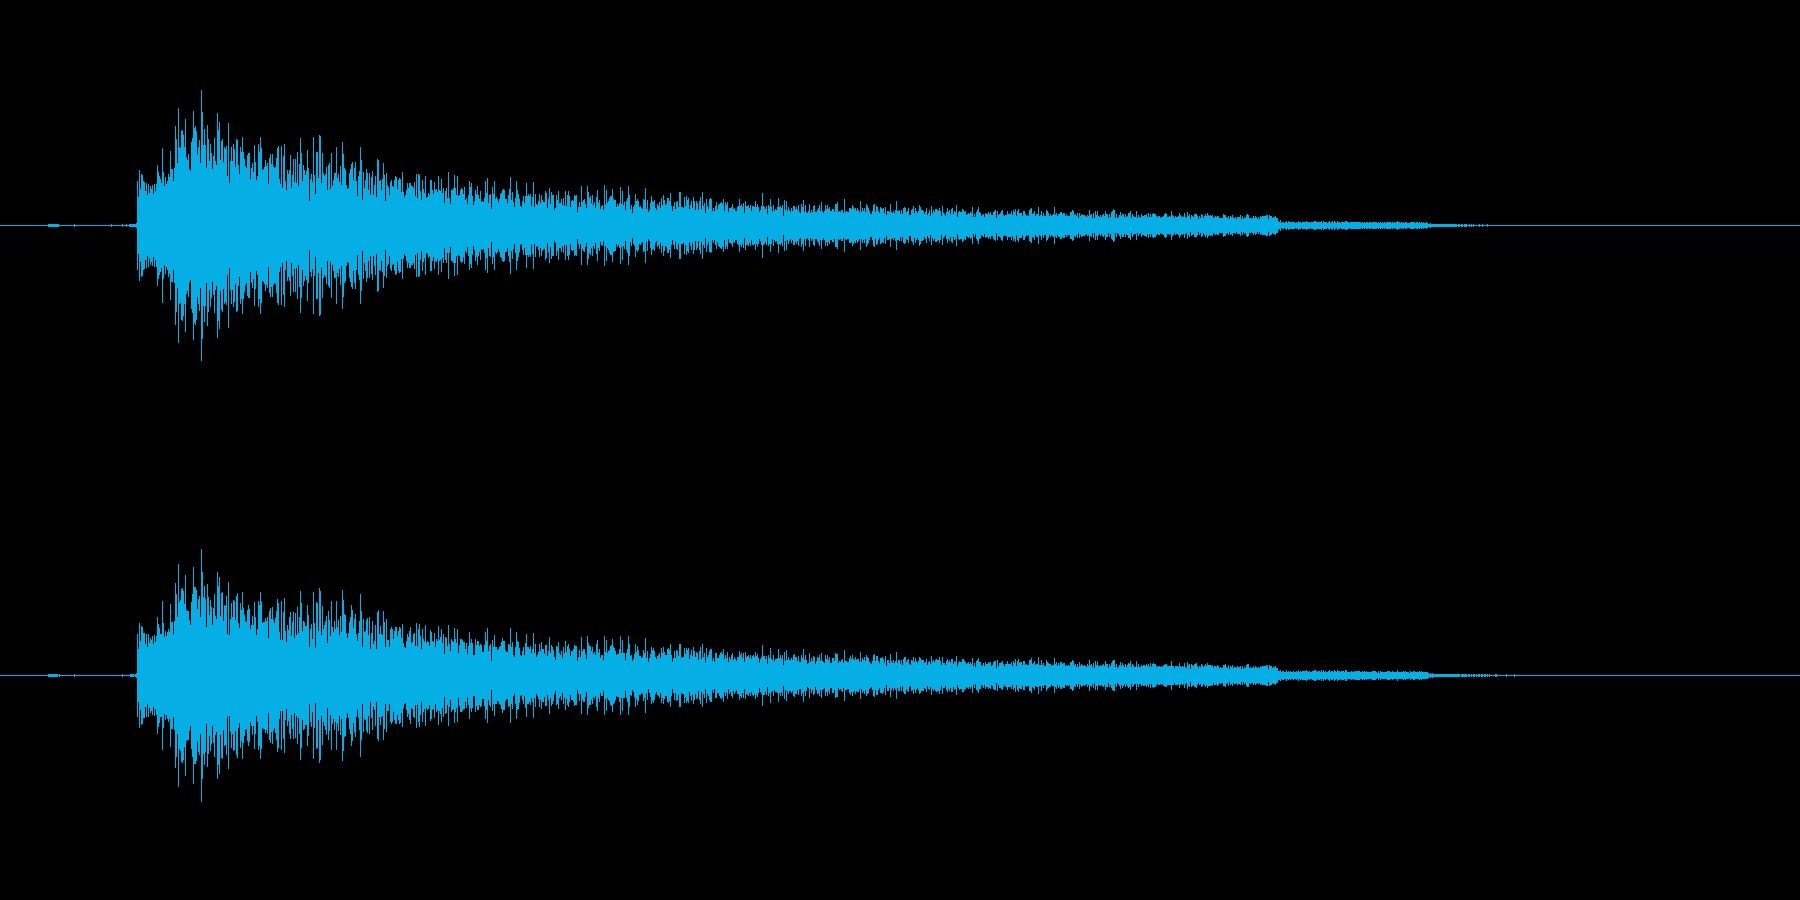 エレキギター(ロマンチック効果音)の再生済みの波形